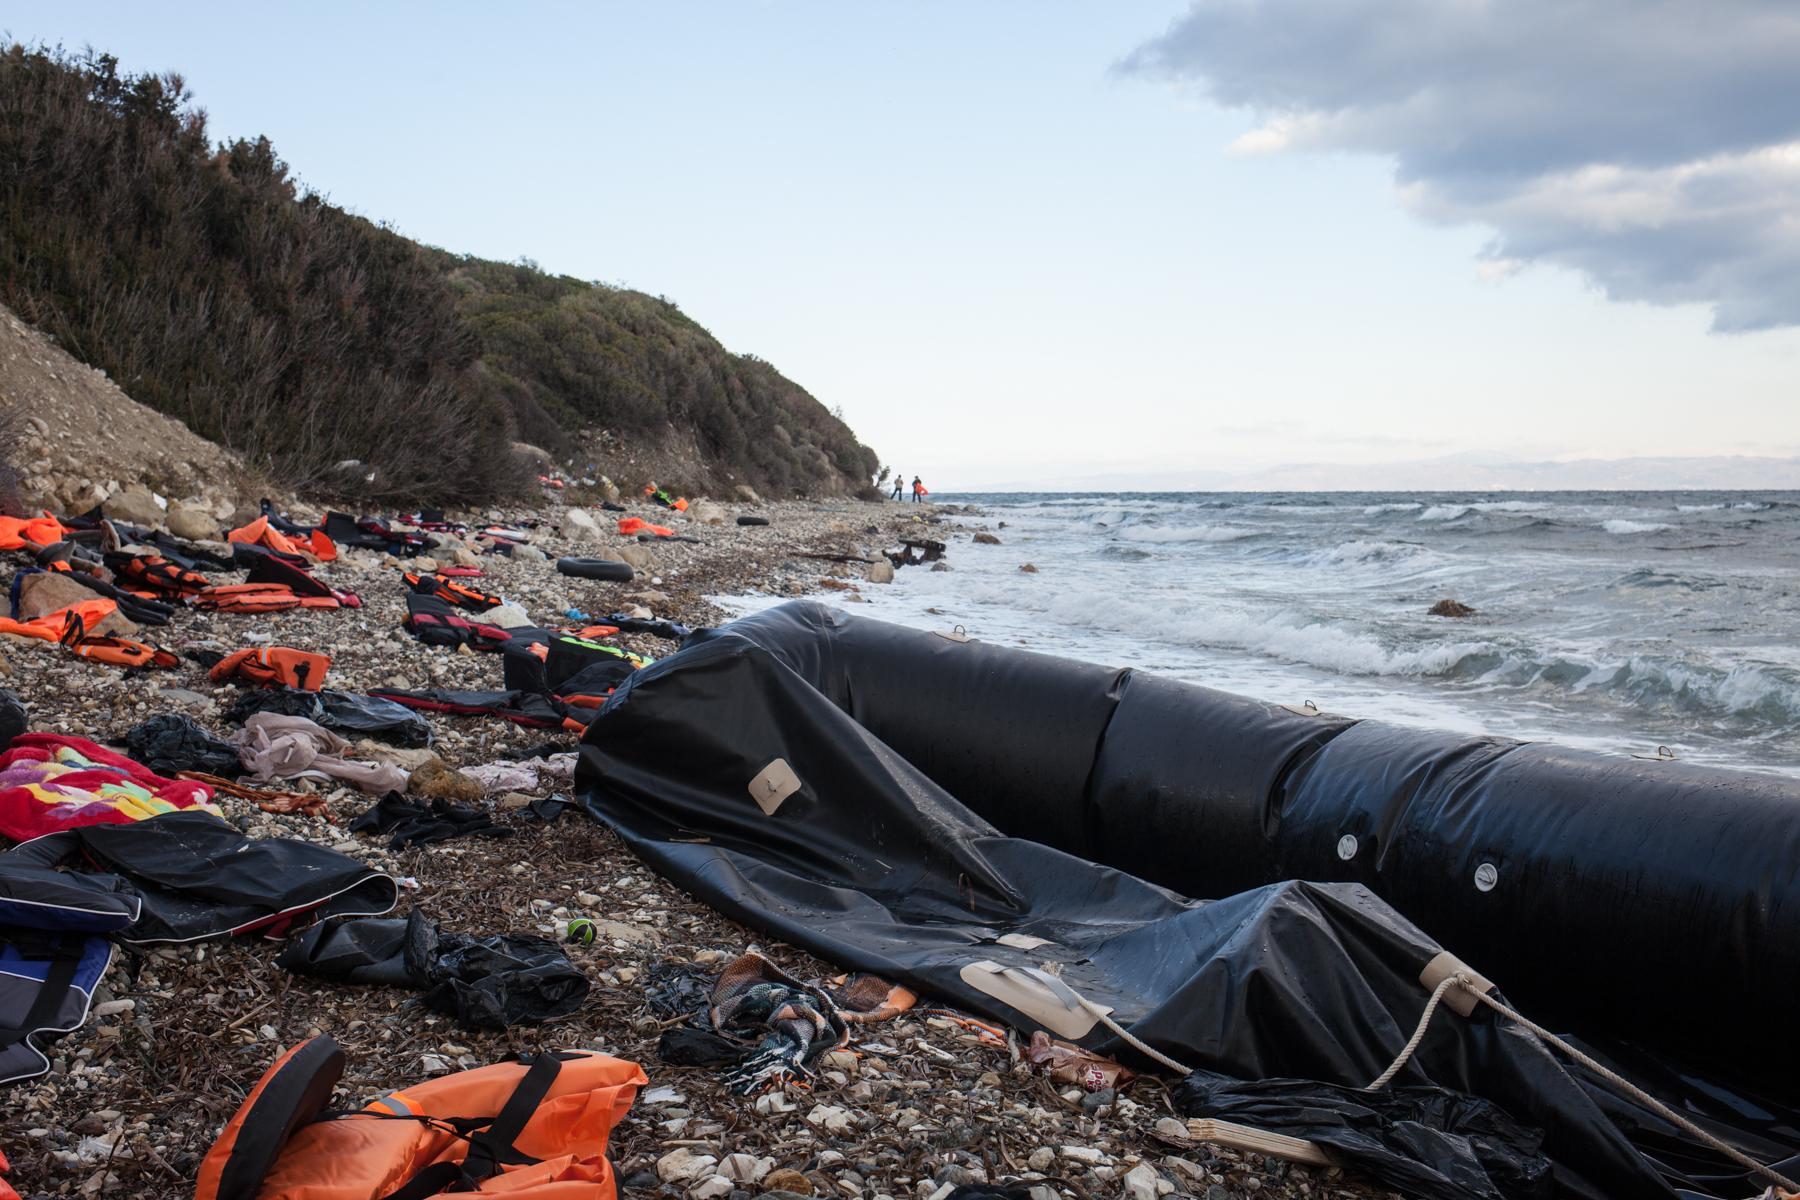 Entlang des südlichsten Küstenstreifens auf Lesbos, der nur zu Fuß erreichbar ist, bahnt sich das Ausmaß der Katastrophe an. Boote, die einen falschen Kurs eingeschlagen haben stranden hier und Geflüchtete müssen weit zur entfernten Strasse laufen.